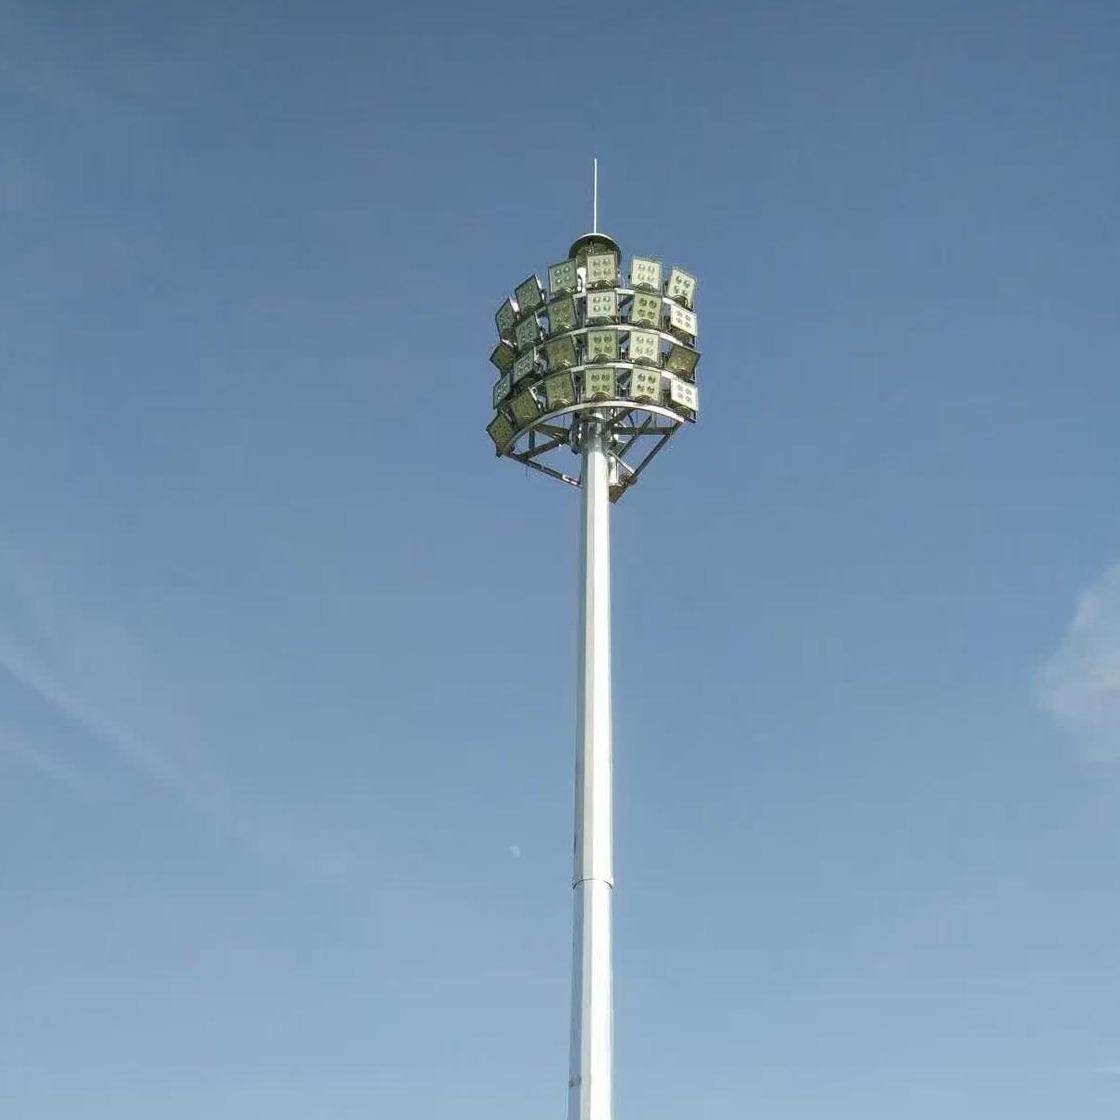 浩騰照明HTGGD-029高桿燈 廠家直銷浙江20米高桿燈 led電動升降高桿燈 戶外廣場中桿燈